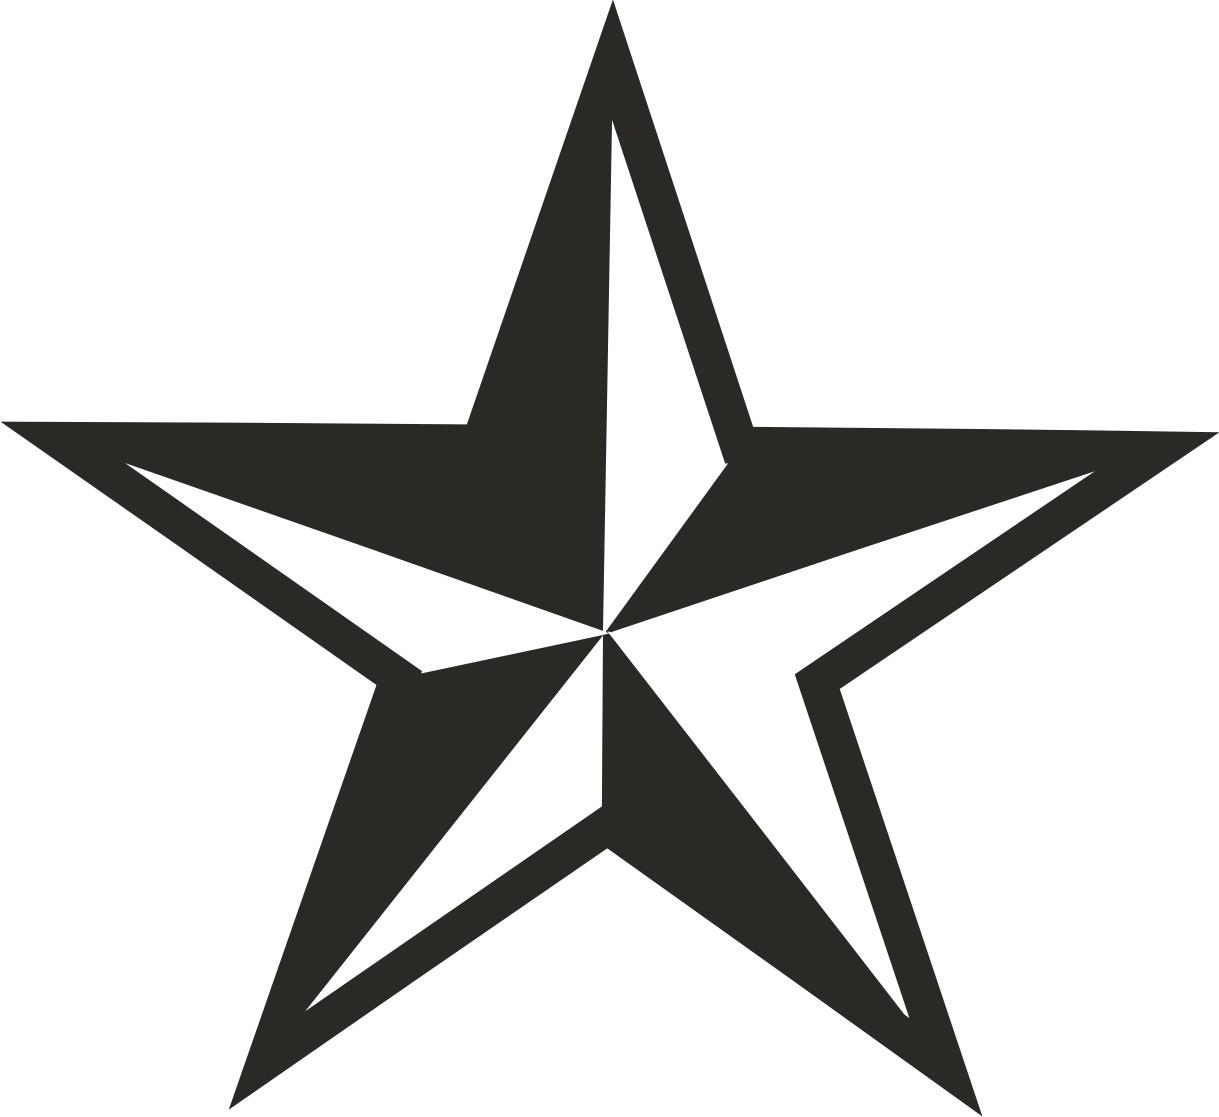 1219x1117 White Black Star Clipart